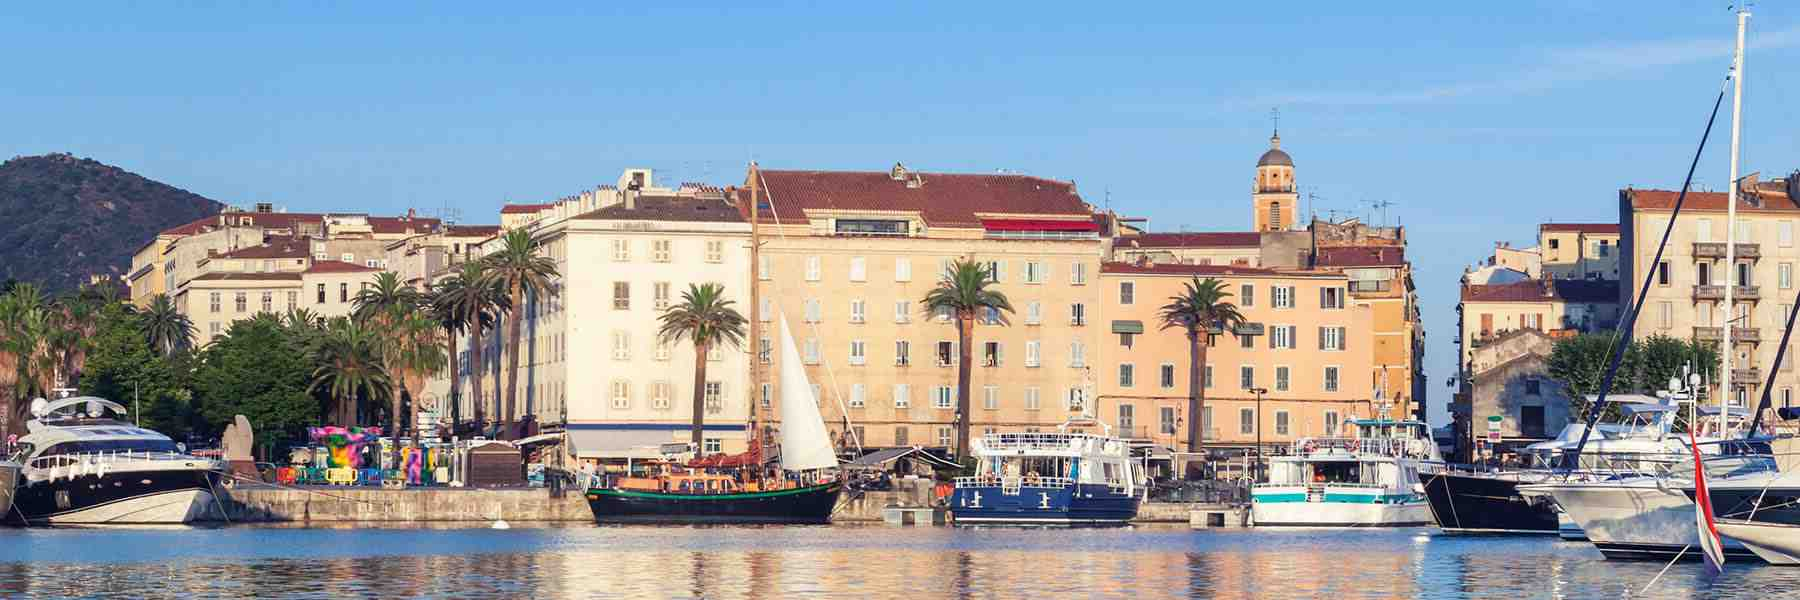 Quel temps fait-il en Corse en mai?